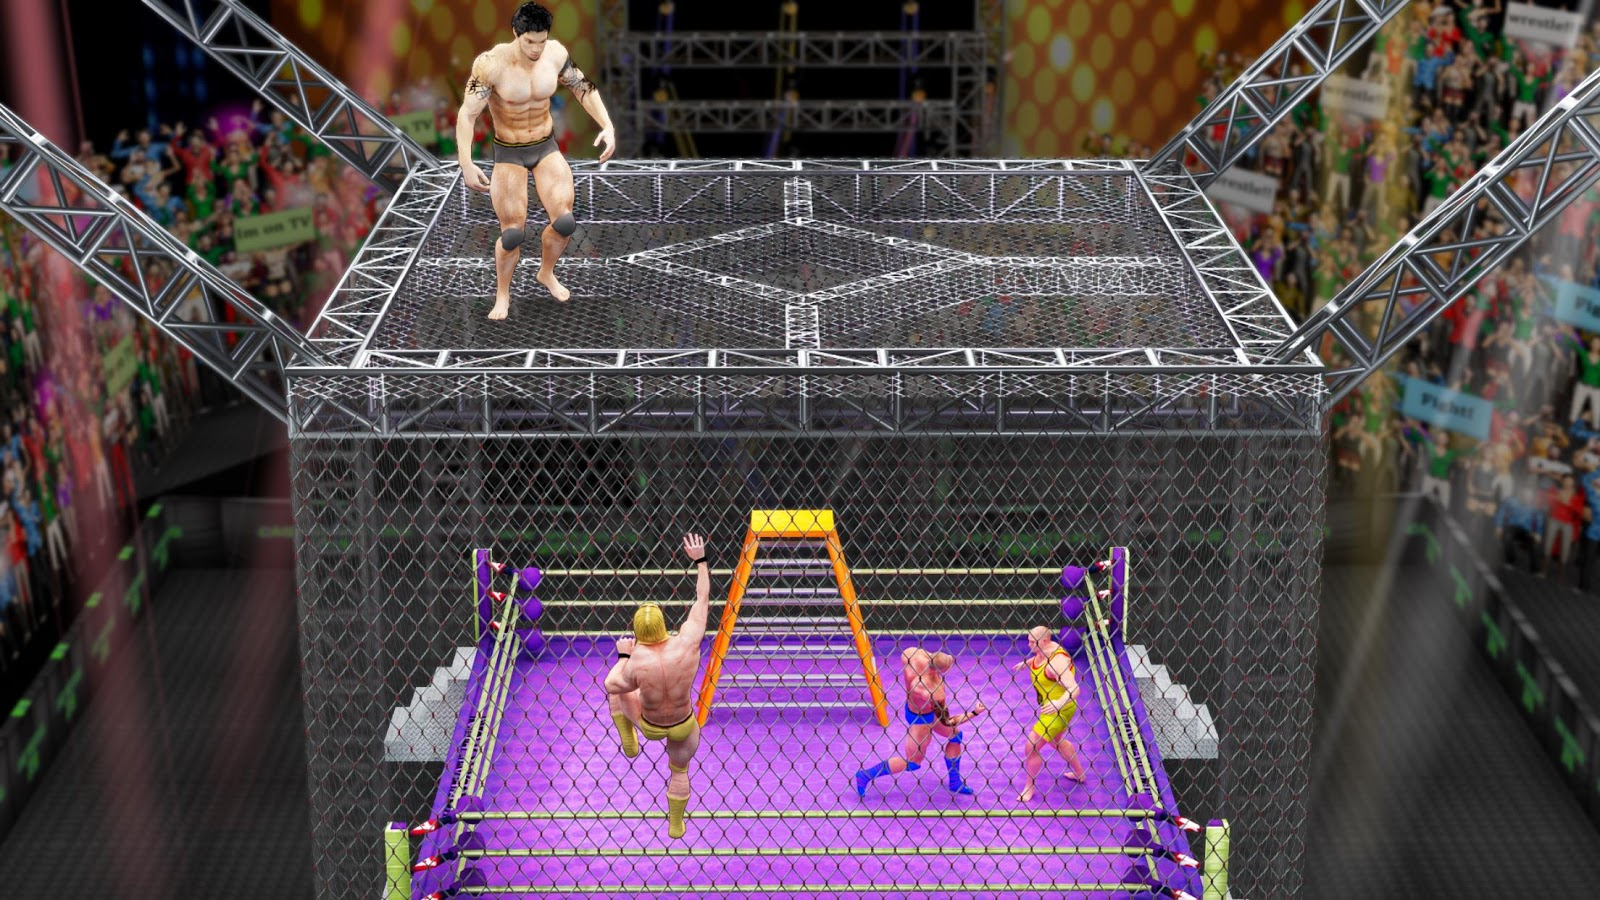 Cage Wrestling Revolution Ladder Match Fighting MOD APK